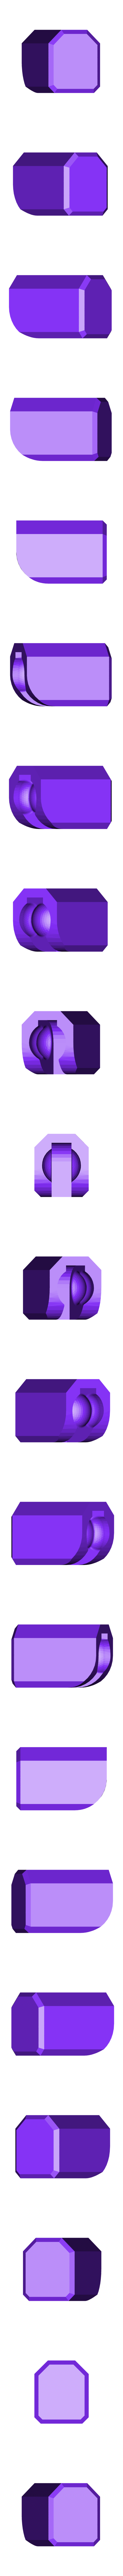 v2_fingerv3_short.stl Télécharger fichier STL gratuit TRANSFORMERS CW POSABLE HANDS 2.0 • Design pour impression 3D, sickofyou